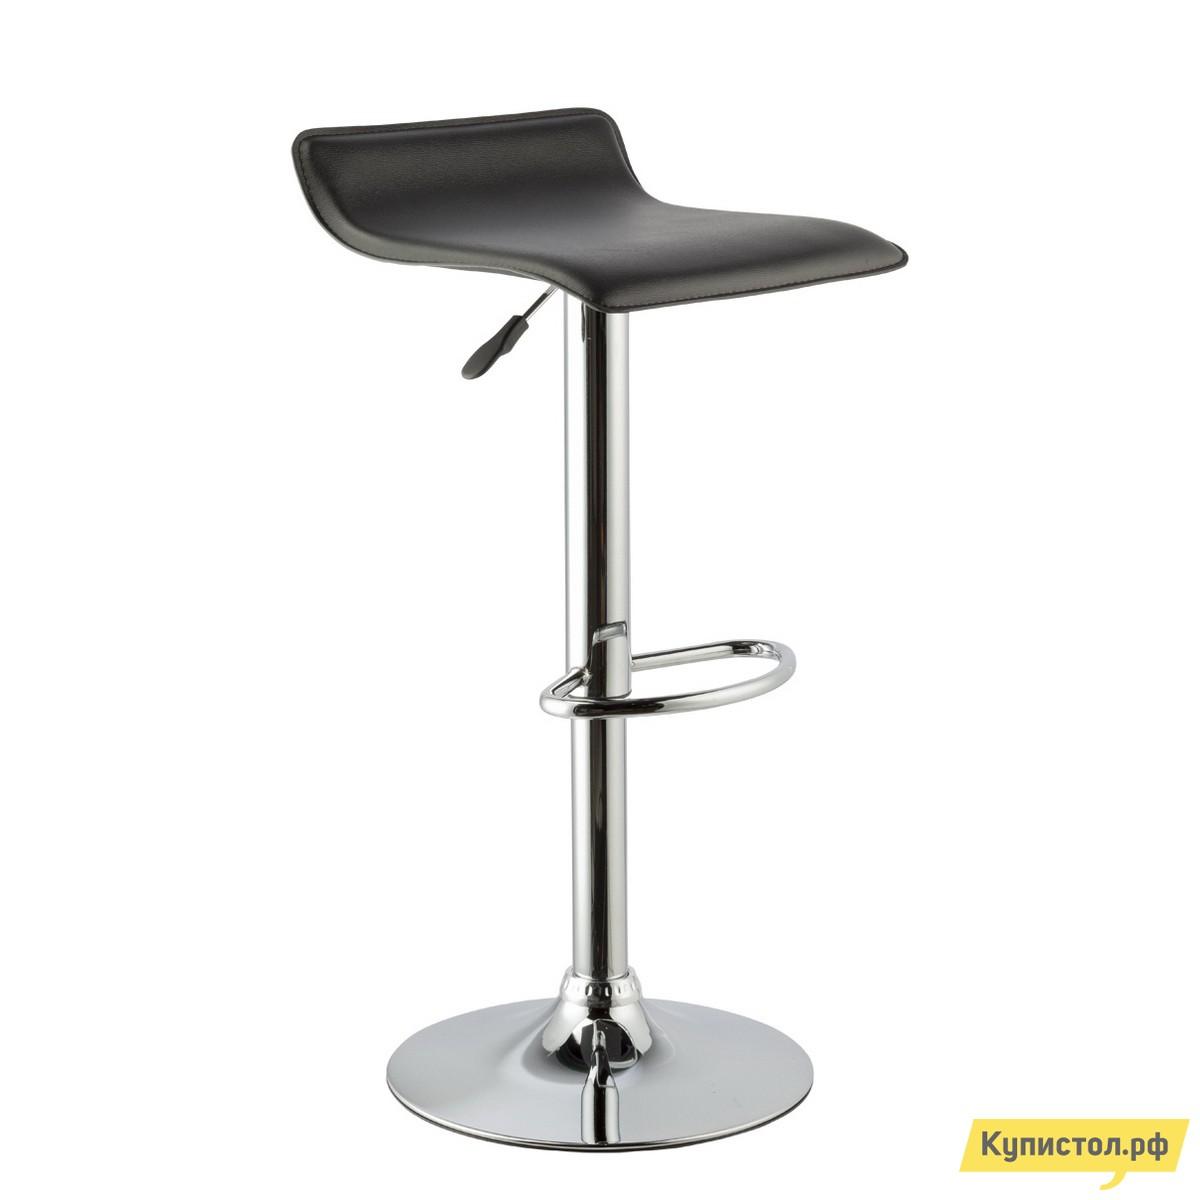 Барный стул STOOL GROUP HI-TEC Черный